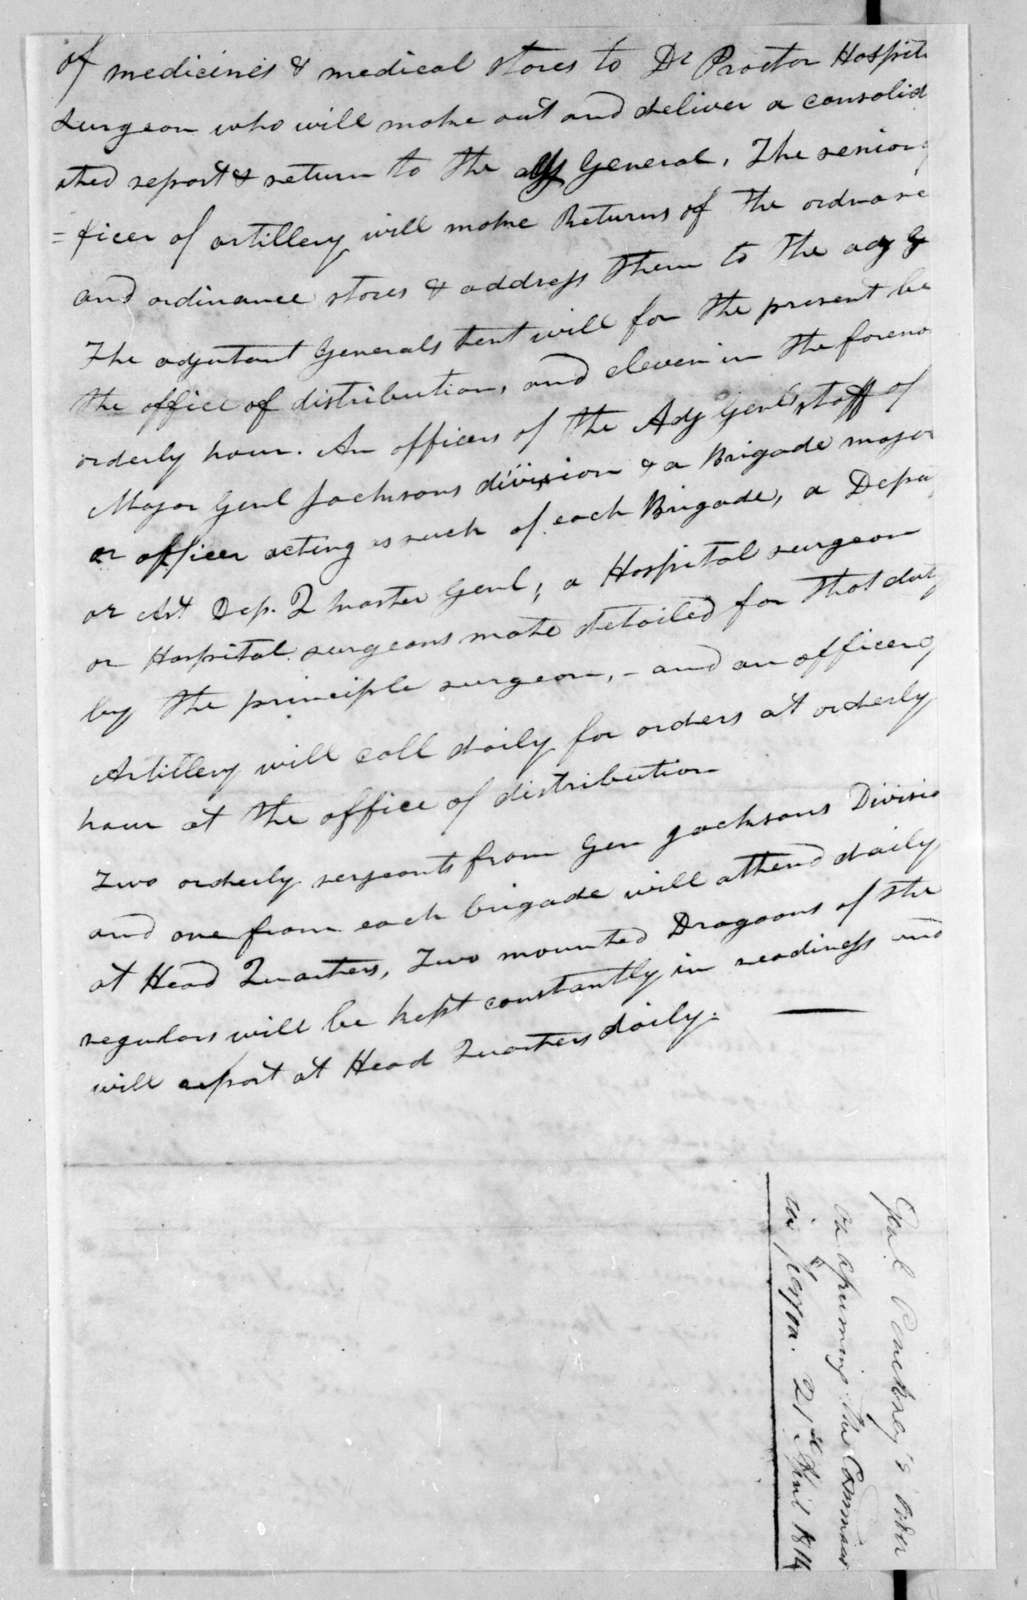 Andrew Jackson to Thomas Pinckney, April 21, 1814